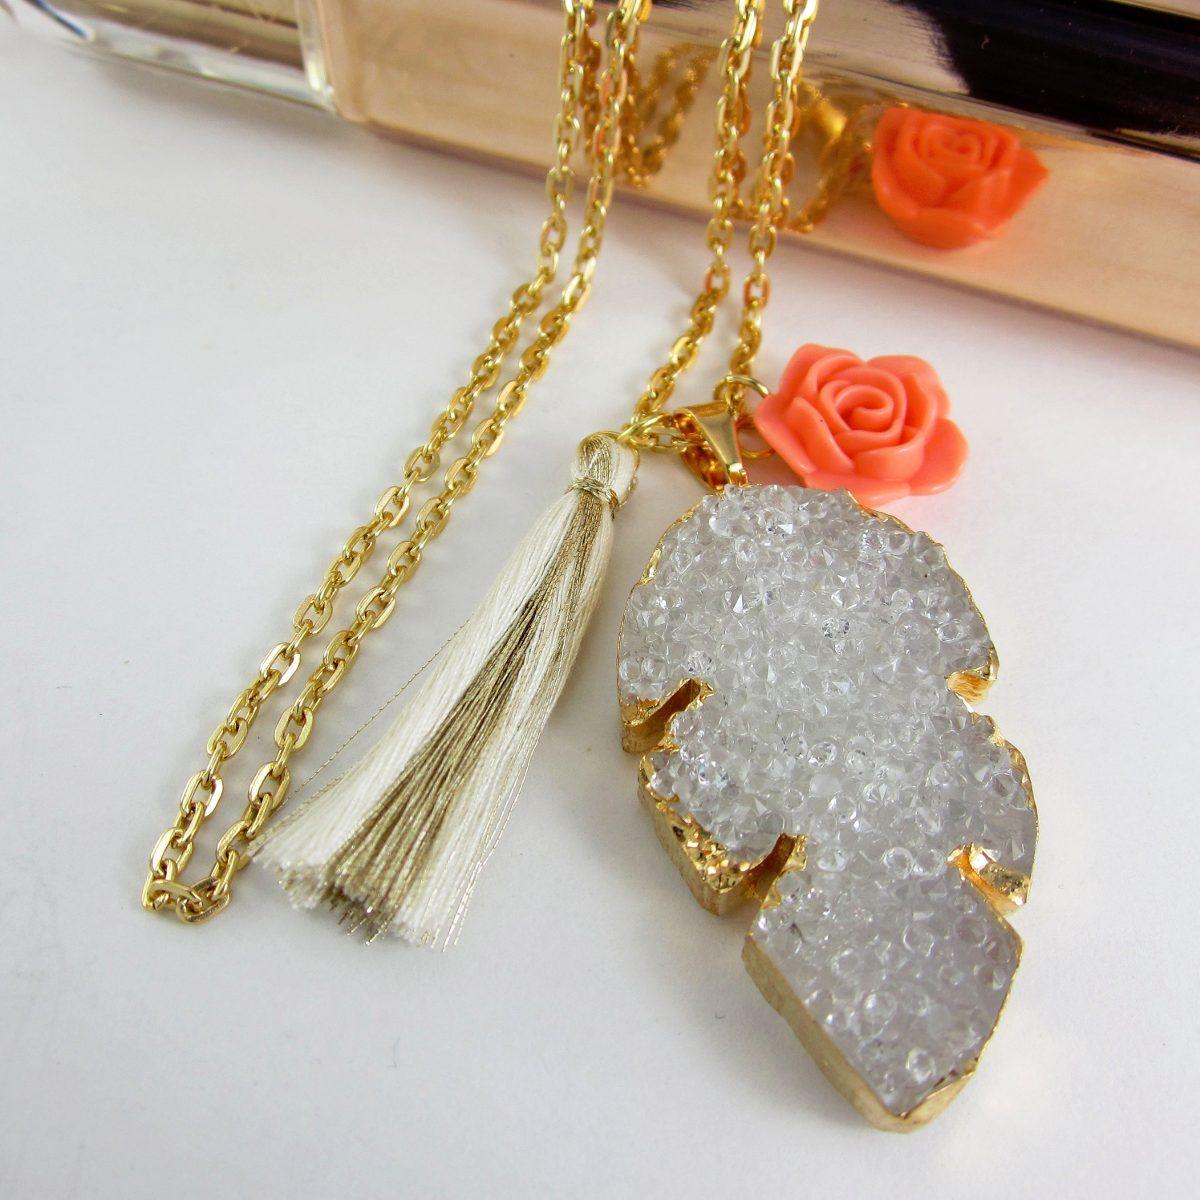 fe5e0096c9c4 ... Cadena Baño oro Drusa Piedras Semipreciosas Cuarzo joyas Bisuteria Fina  de Moda Tendencias con Cristal Boho Chic Encuentralo online en Bogotá  Colombia.